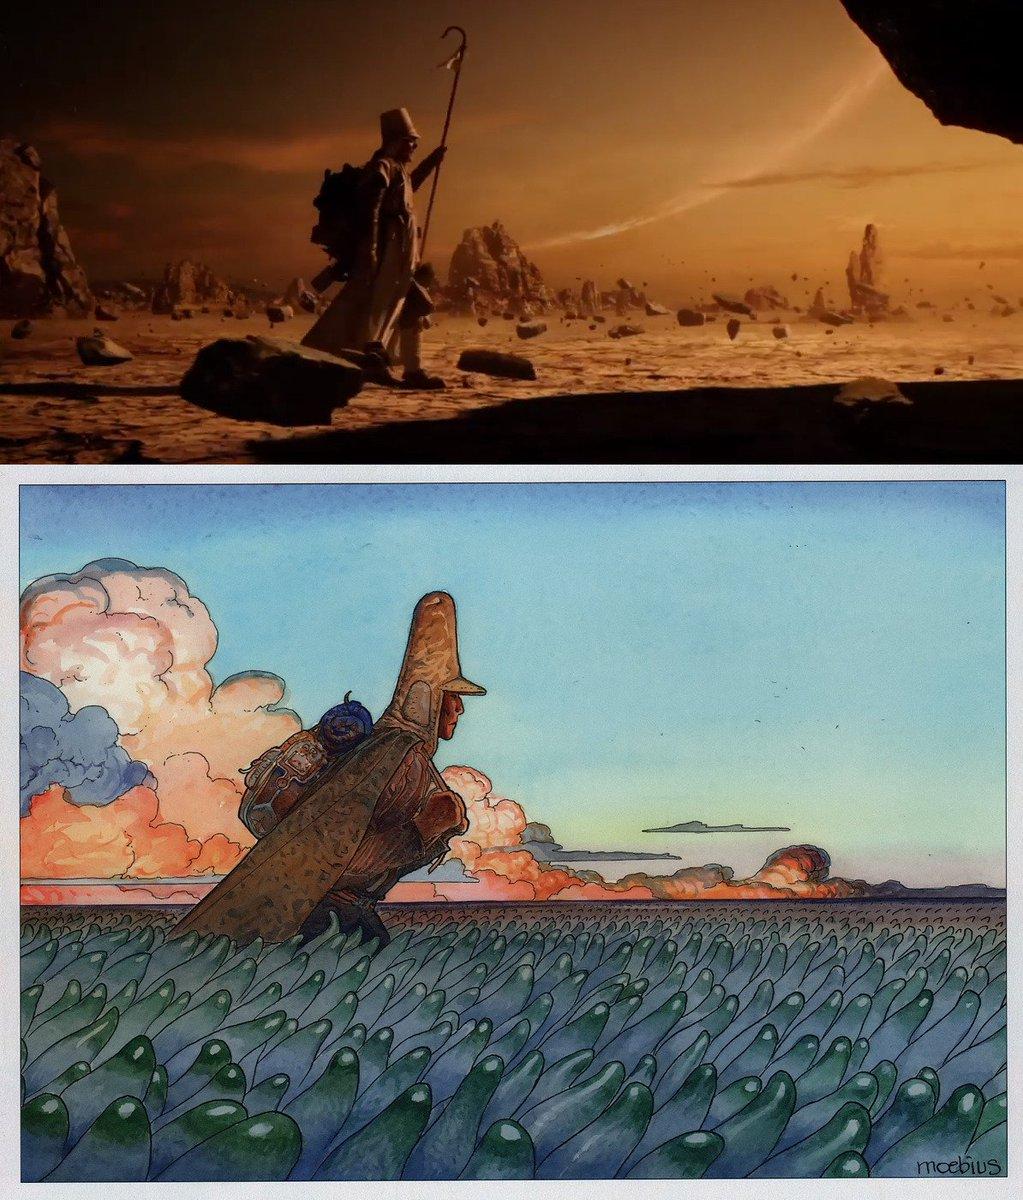 Vidéo : Une pub réalisée par Ridley Scott et inspirée par Moebius